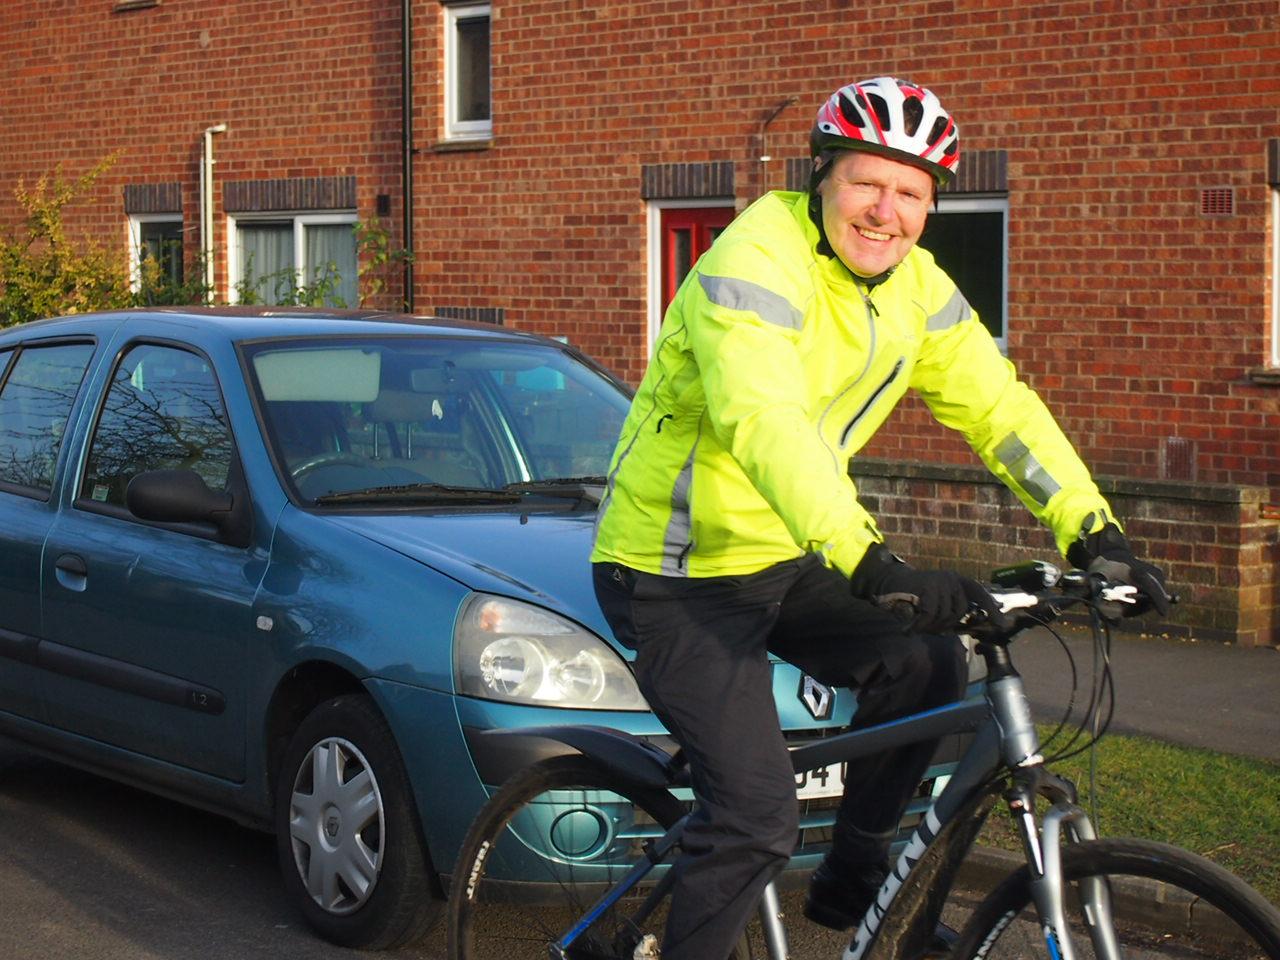 Noel_on_Bike1.jpg